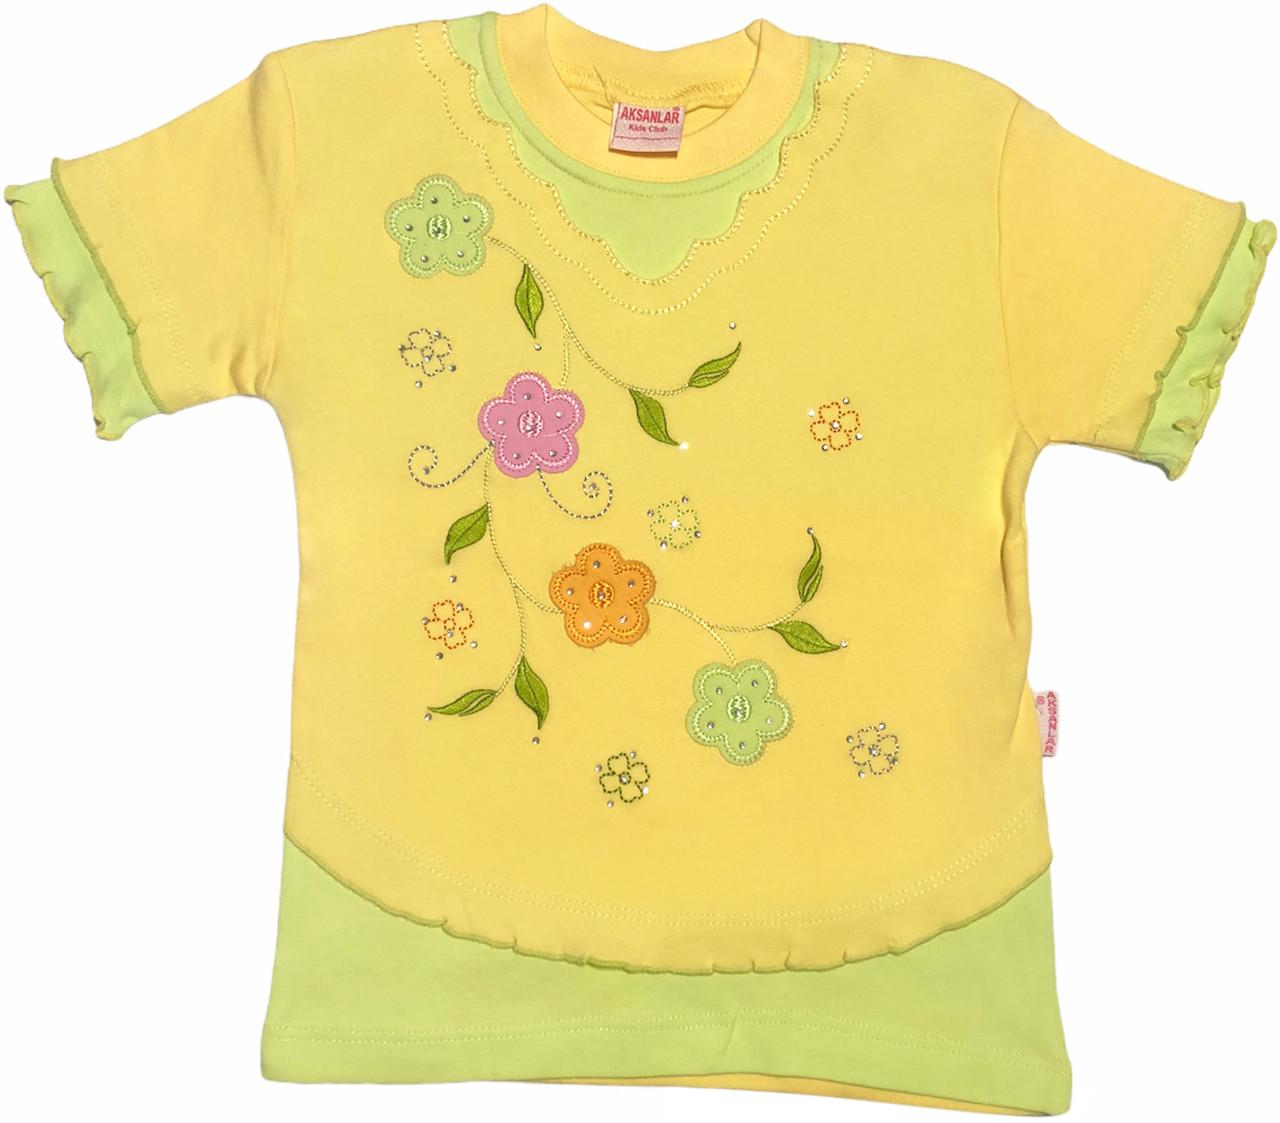 Детская футболка на девочку рост 122 6-7 лет для детей красивая стильная нарядная летняя трикотажная жёлтая